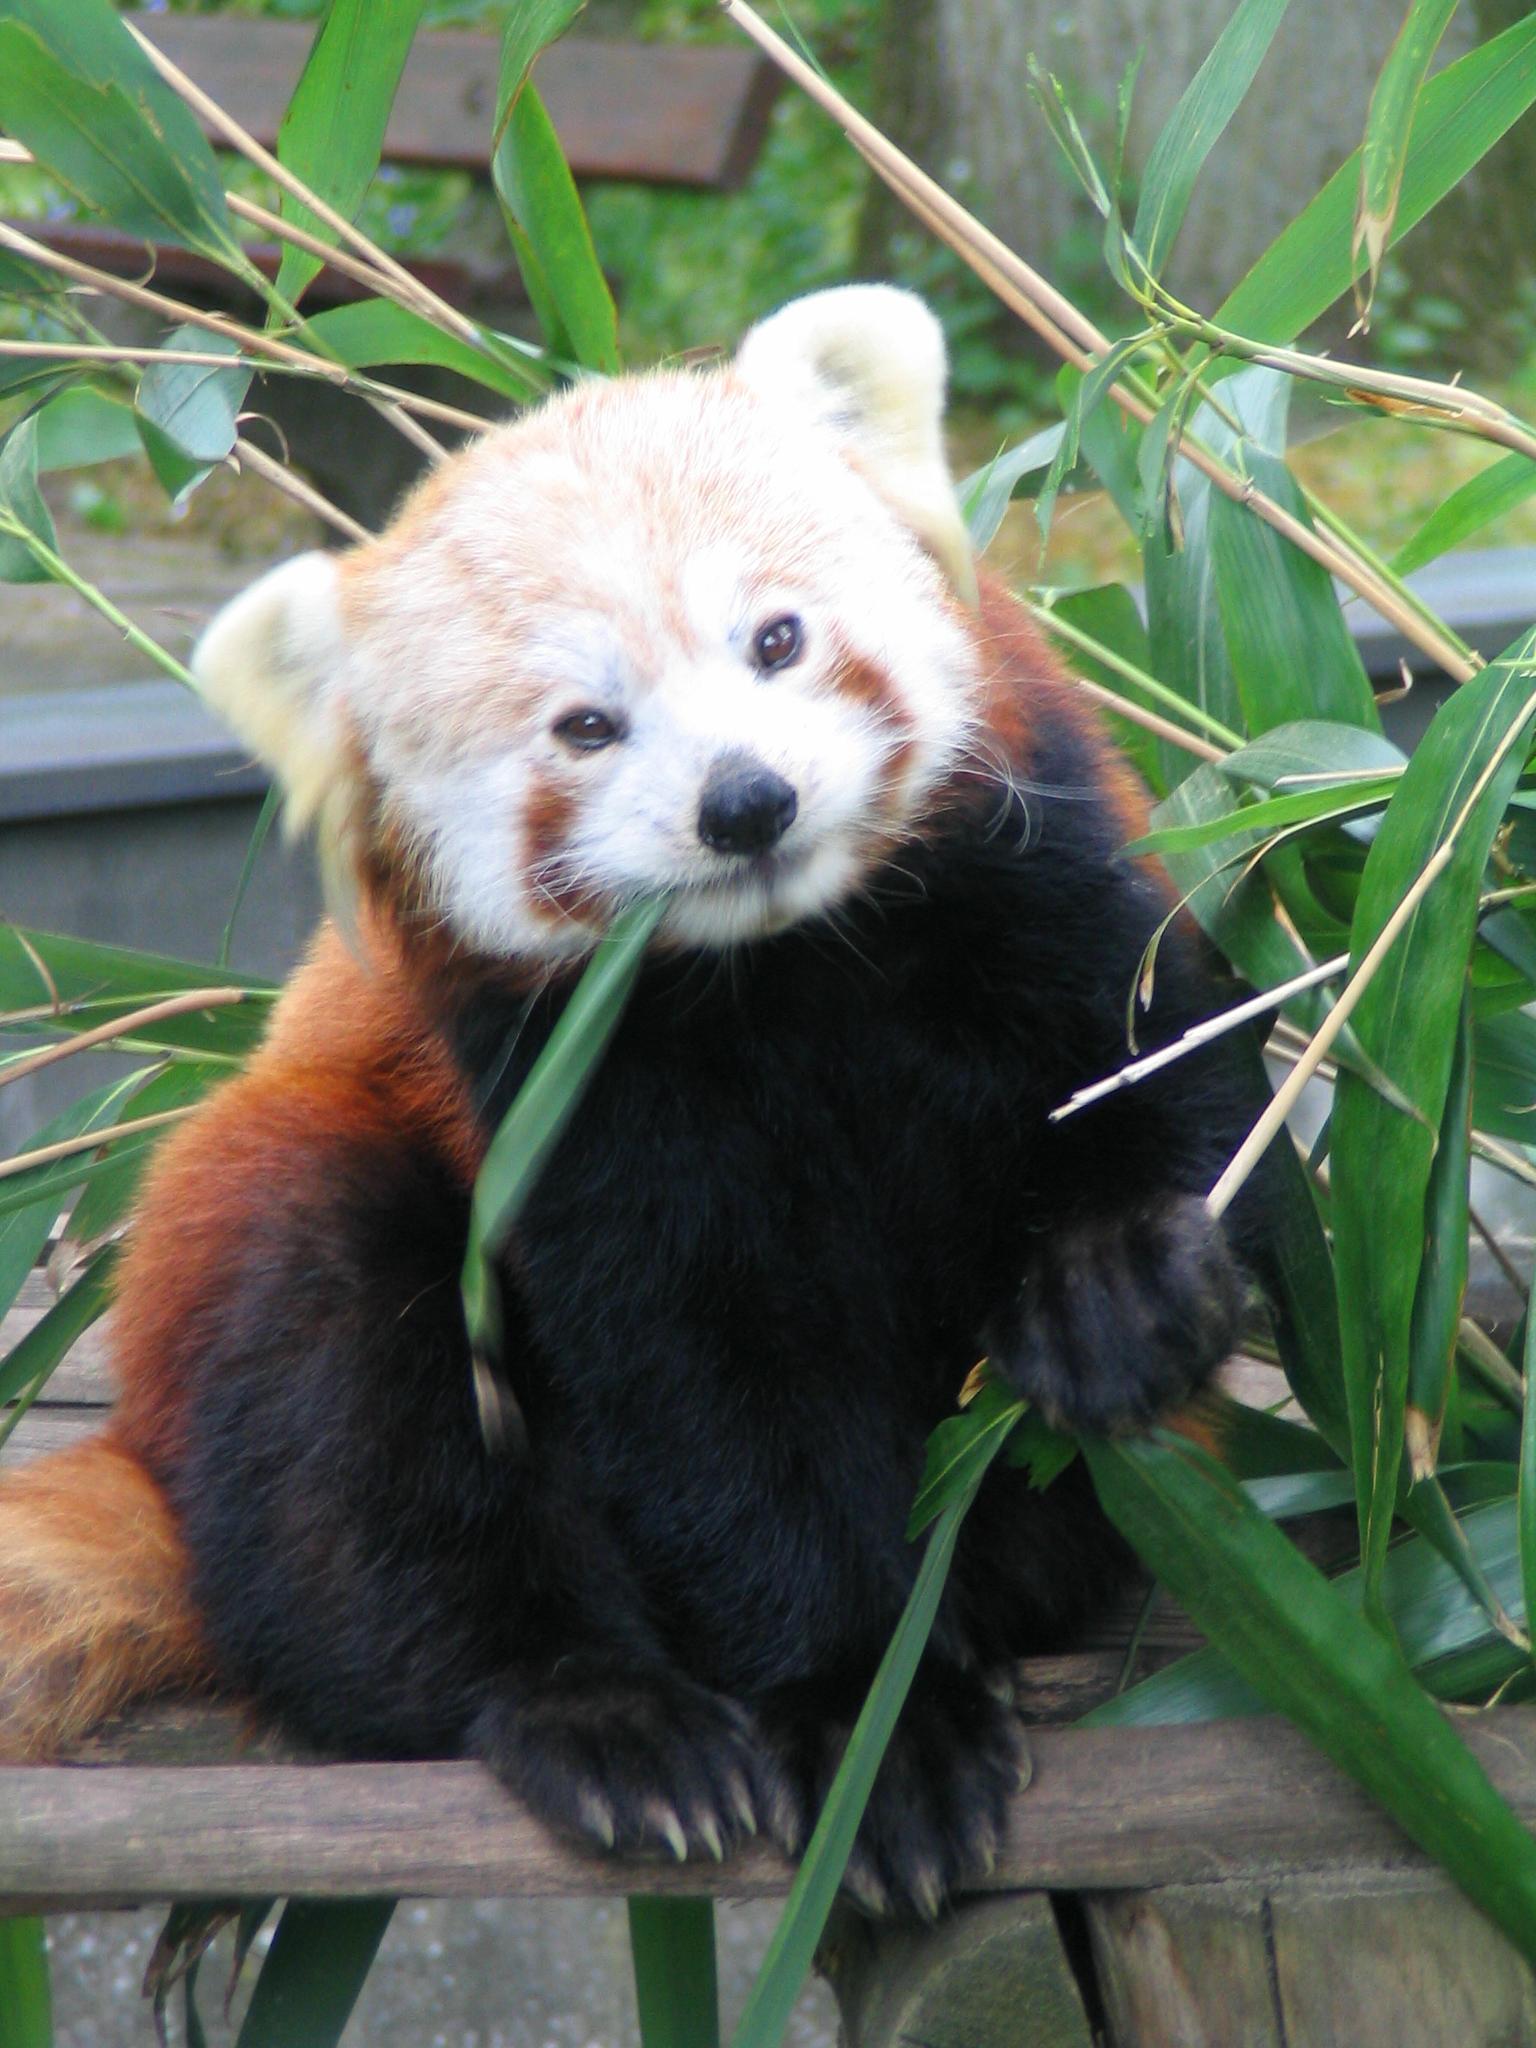 filered panda eating bambu leafjpg